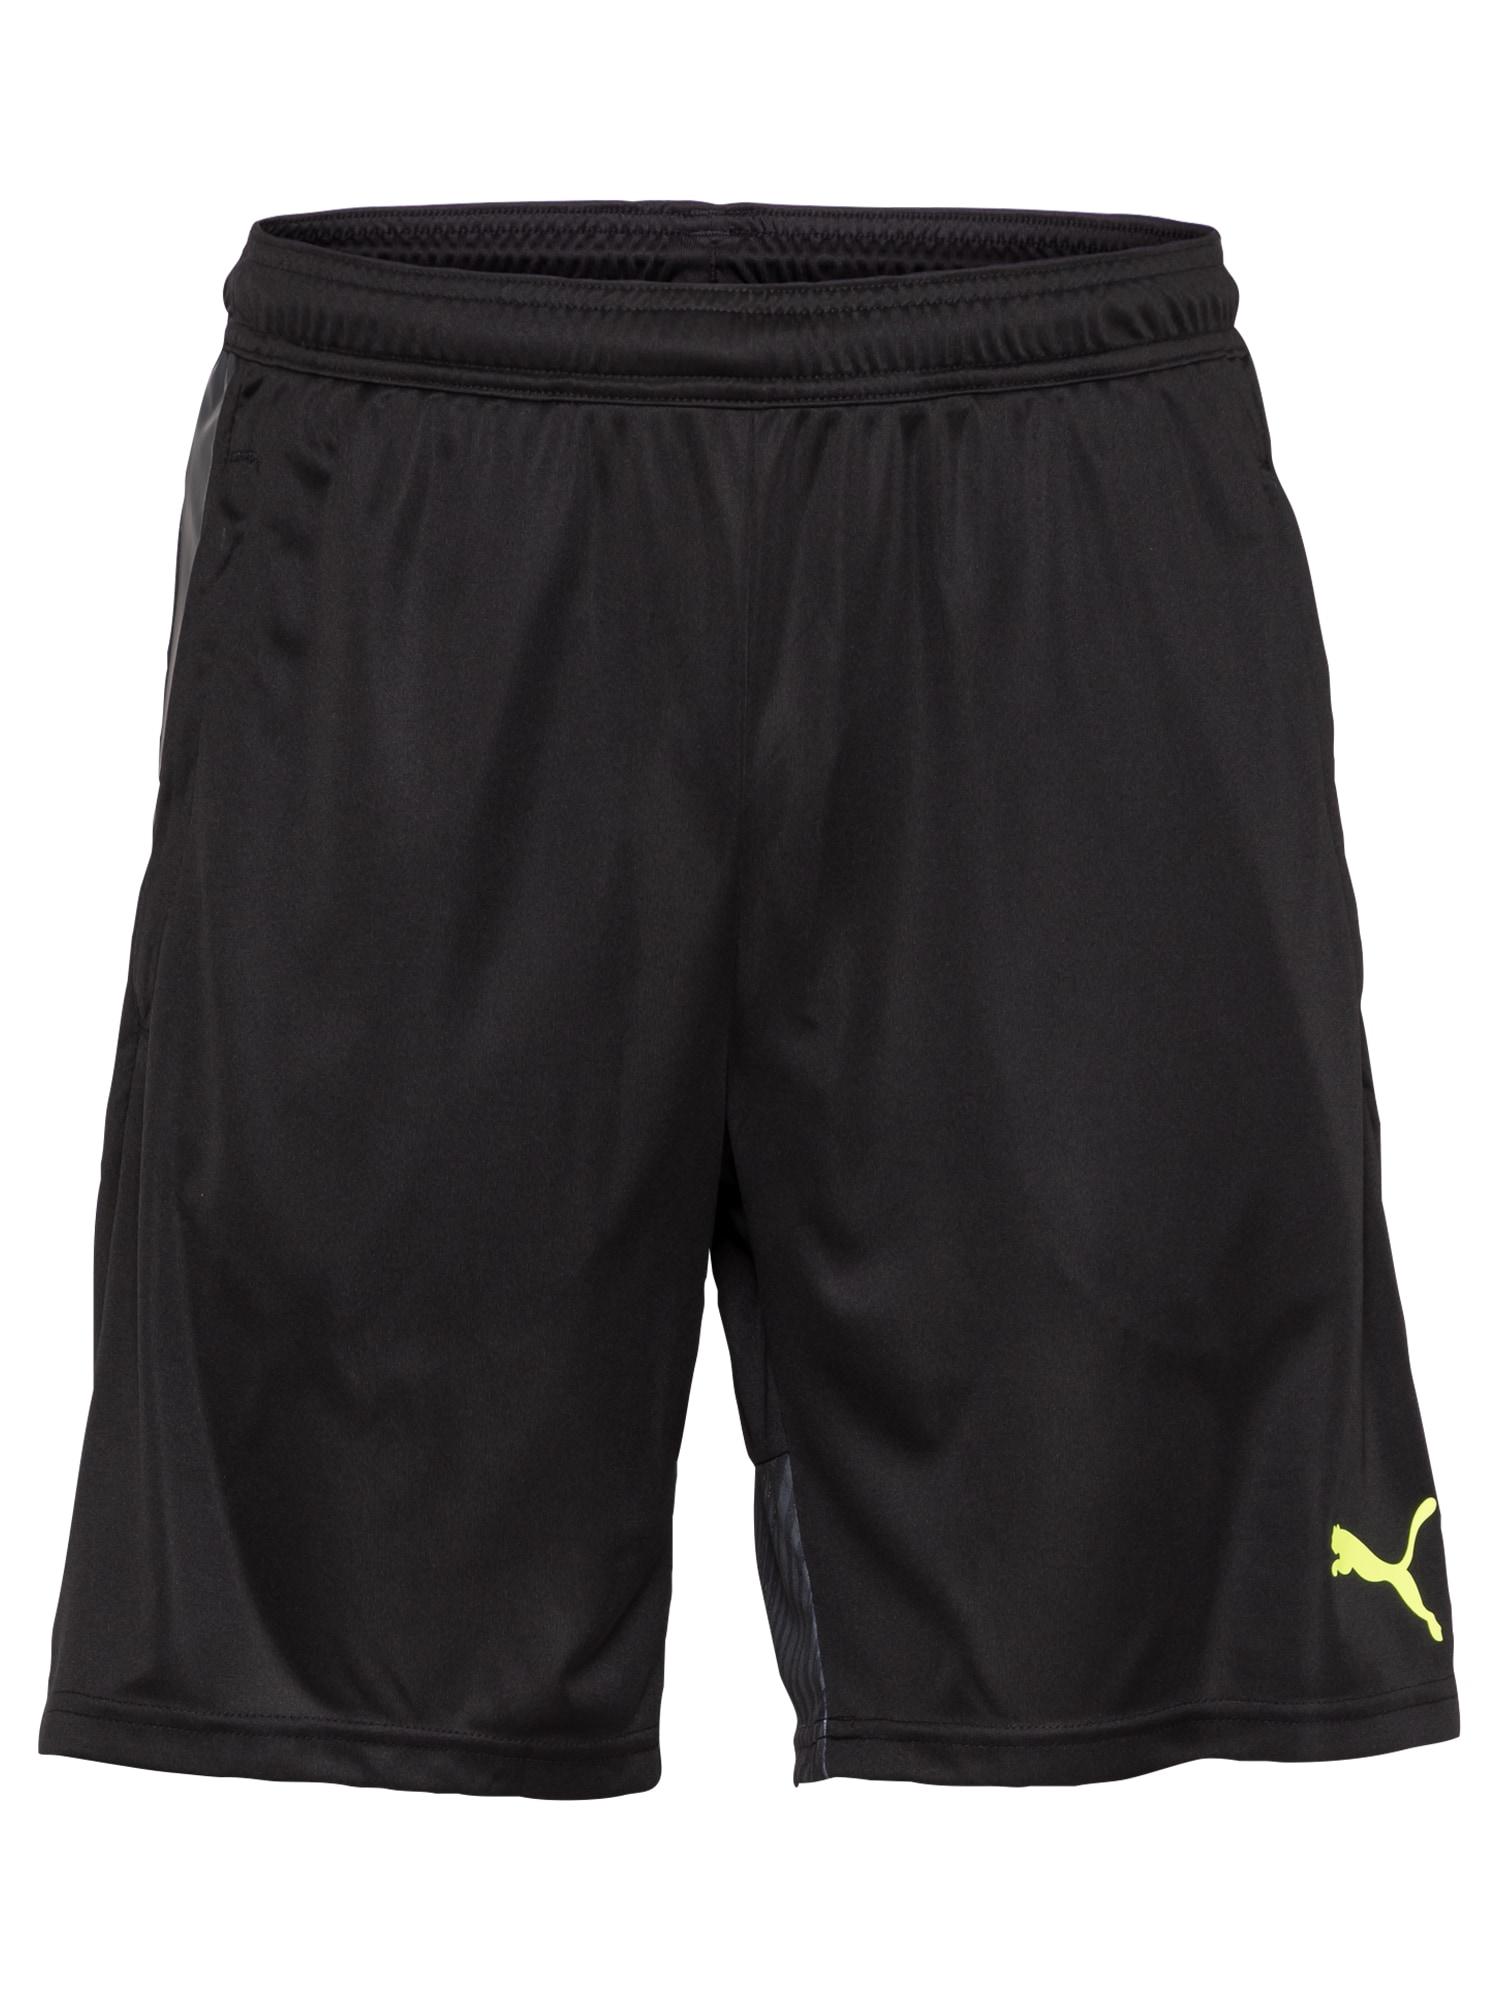 PUMA Pantaloni sportivi  nero / giallo neon male shop the look